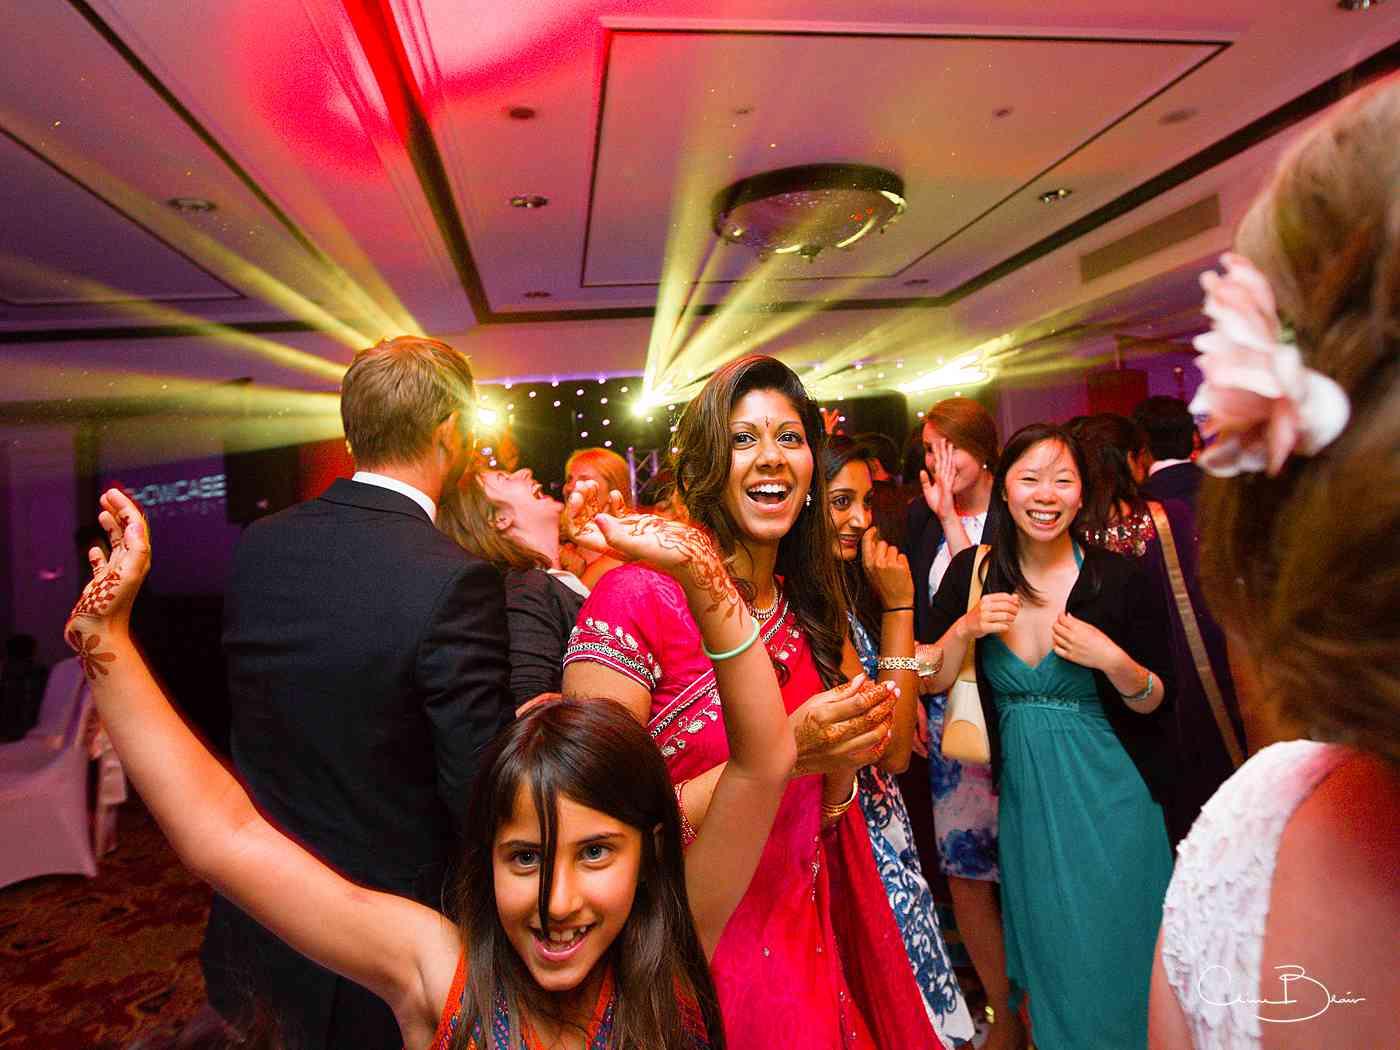 Happy women on the dance floor